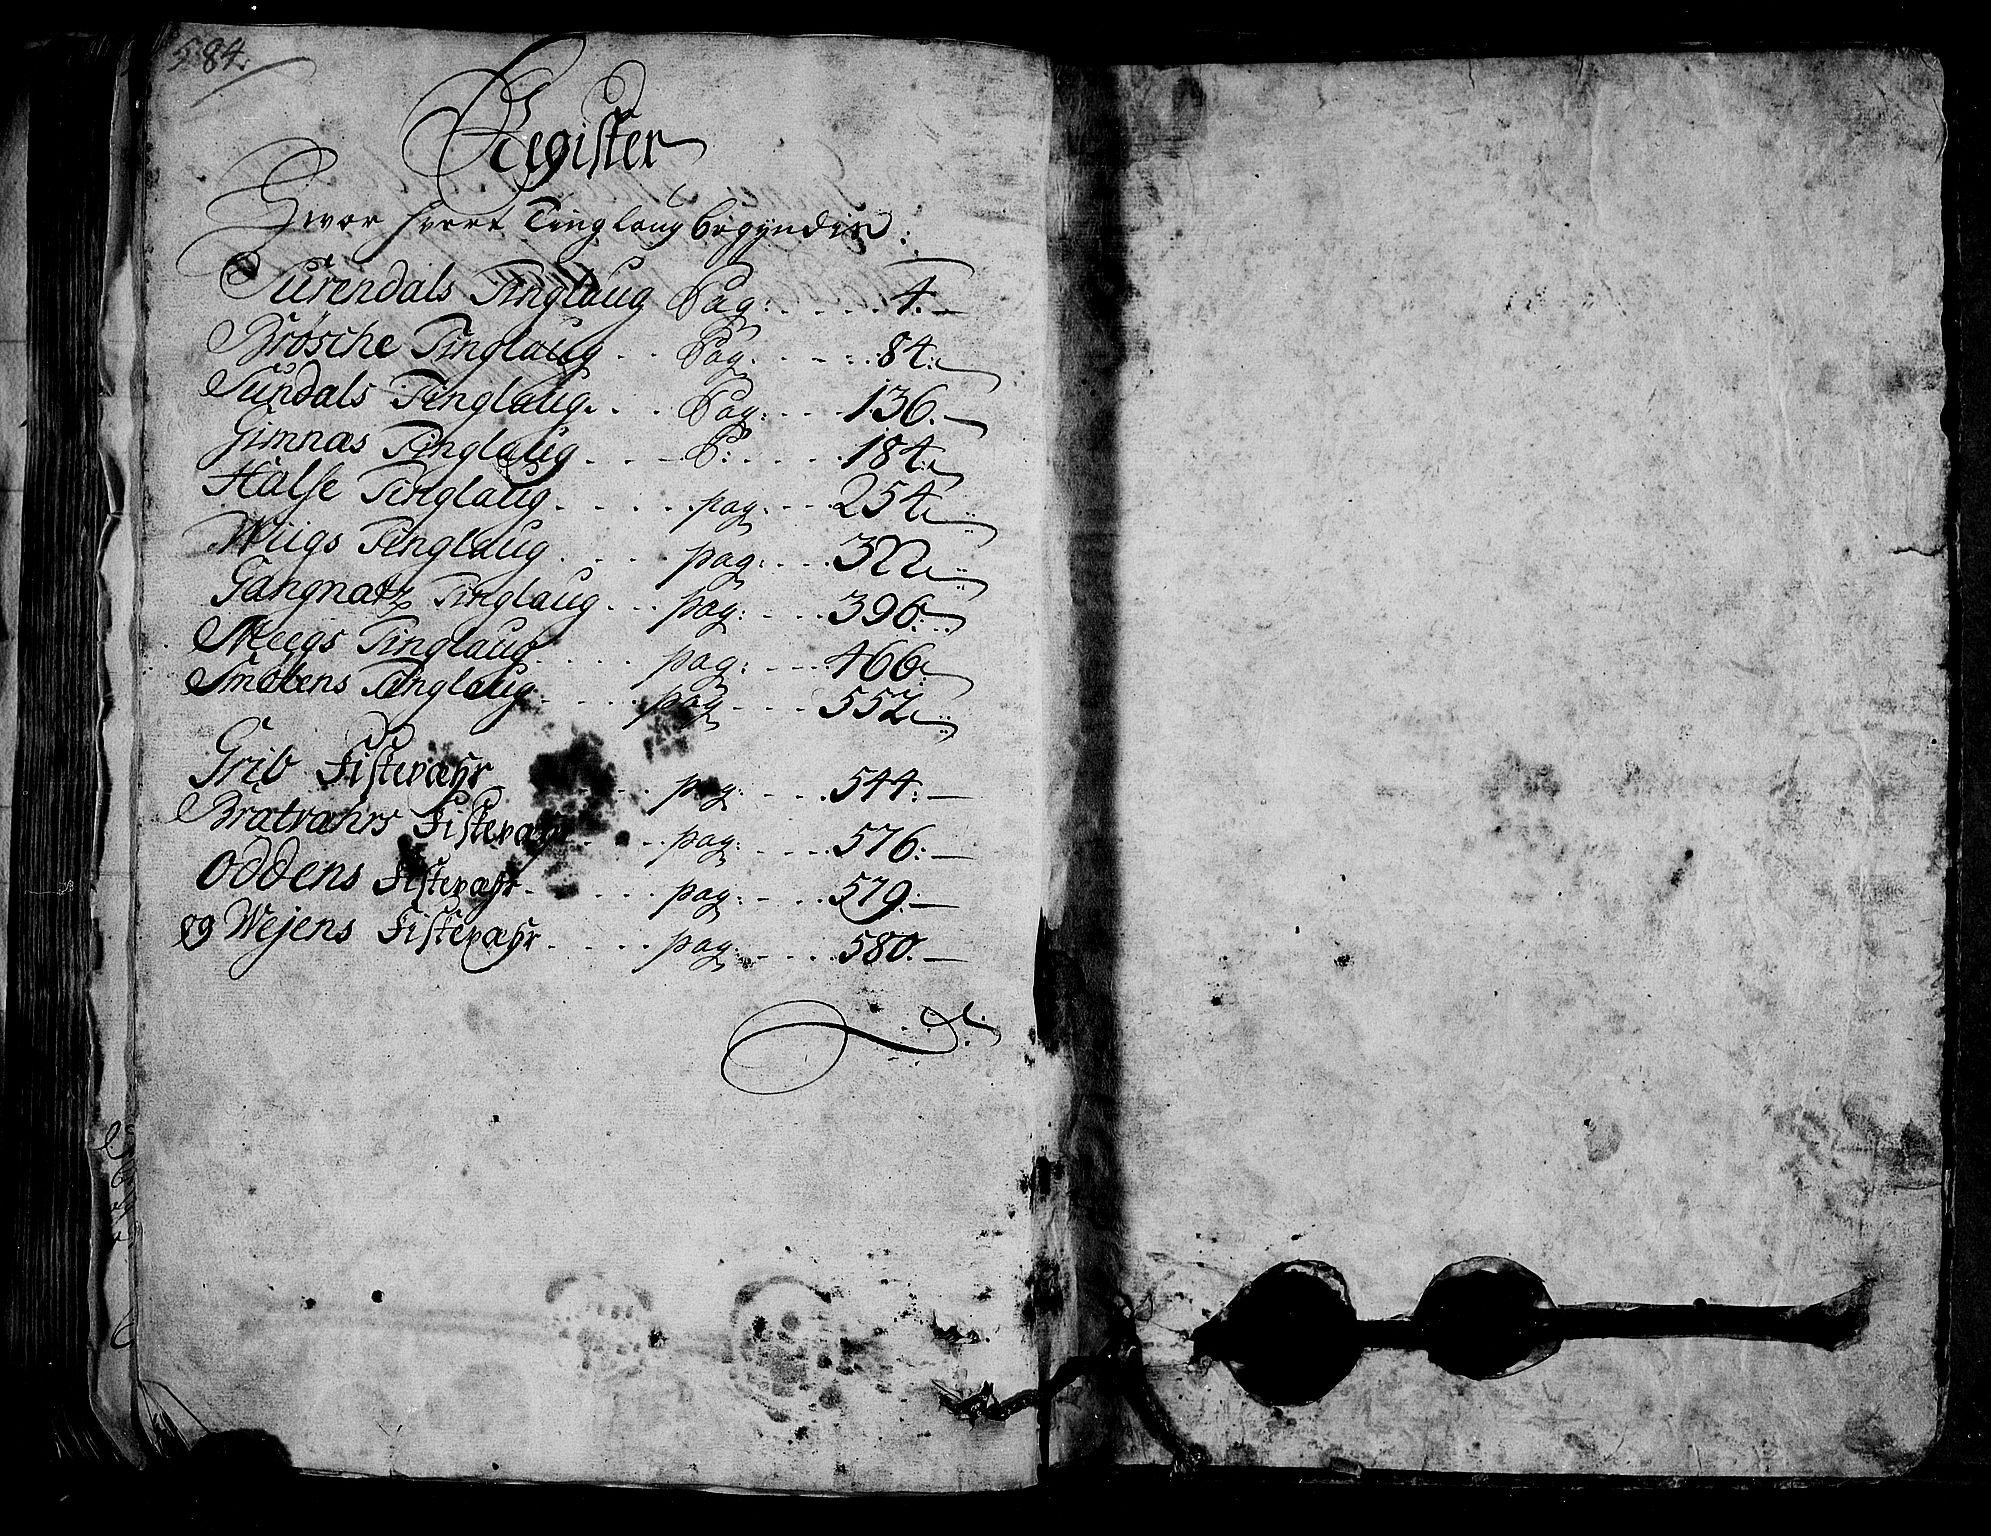 RA, Rentekammeret inntil 1814, Realistisk ordnet avdeling, N/Nb/Nbf/L0154: Nordmøre eksaminasjonsprotokoll, 1721-1723, s. 584-585